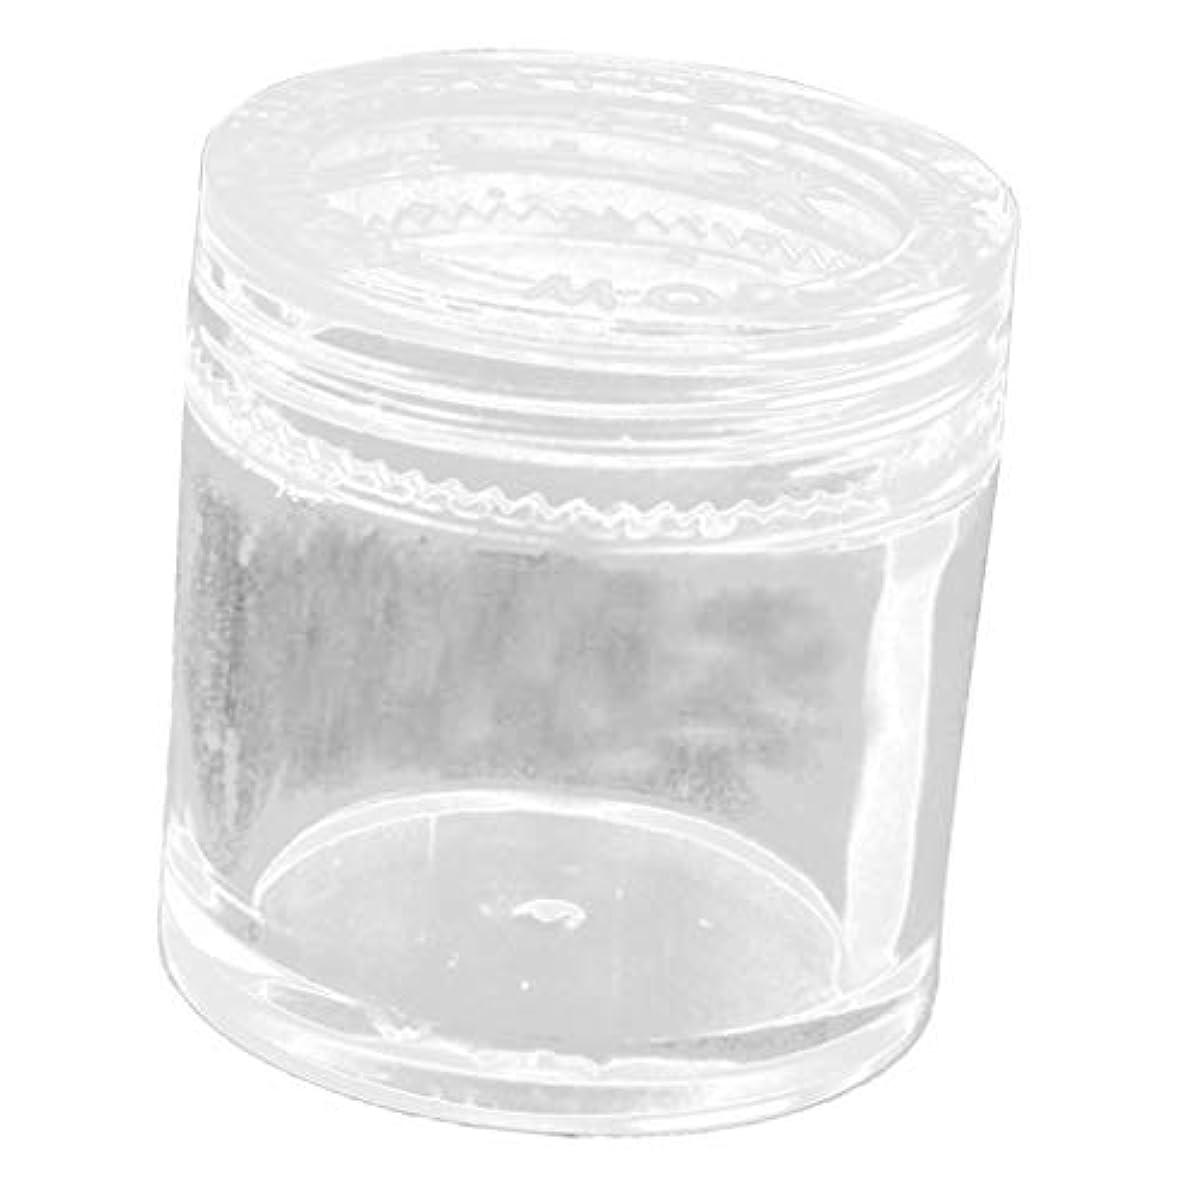 広いバルク無視DYNWAVE ネイルアートケース ジュエリーボックス 小物入れ 収納瓶 工芸品 ビーズ 宝石 収納ボックス 透明